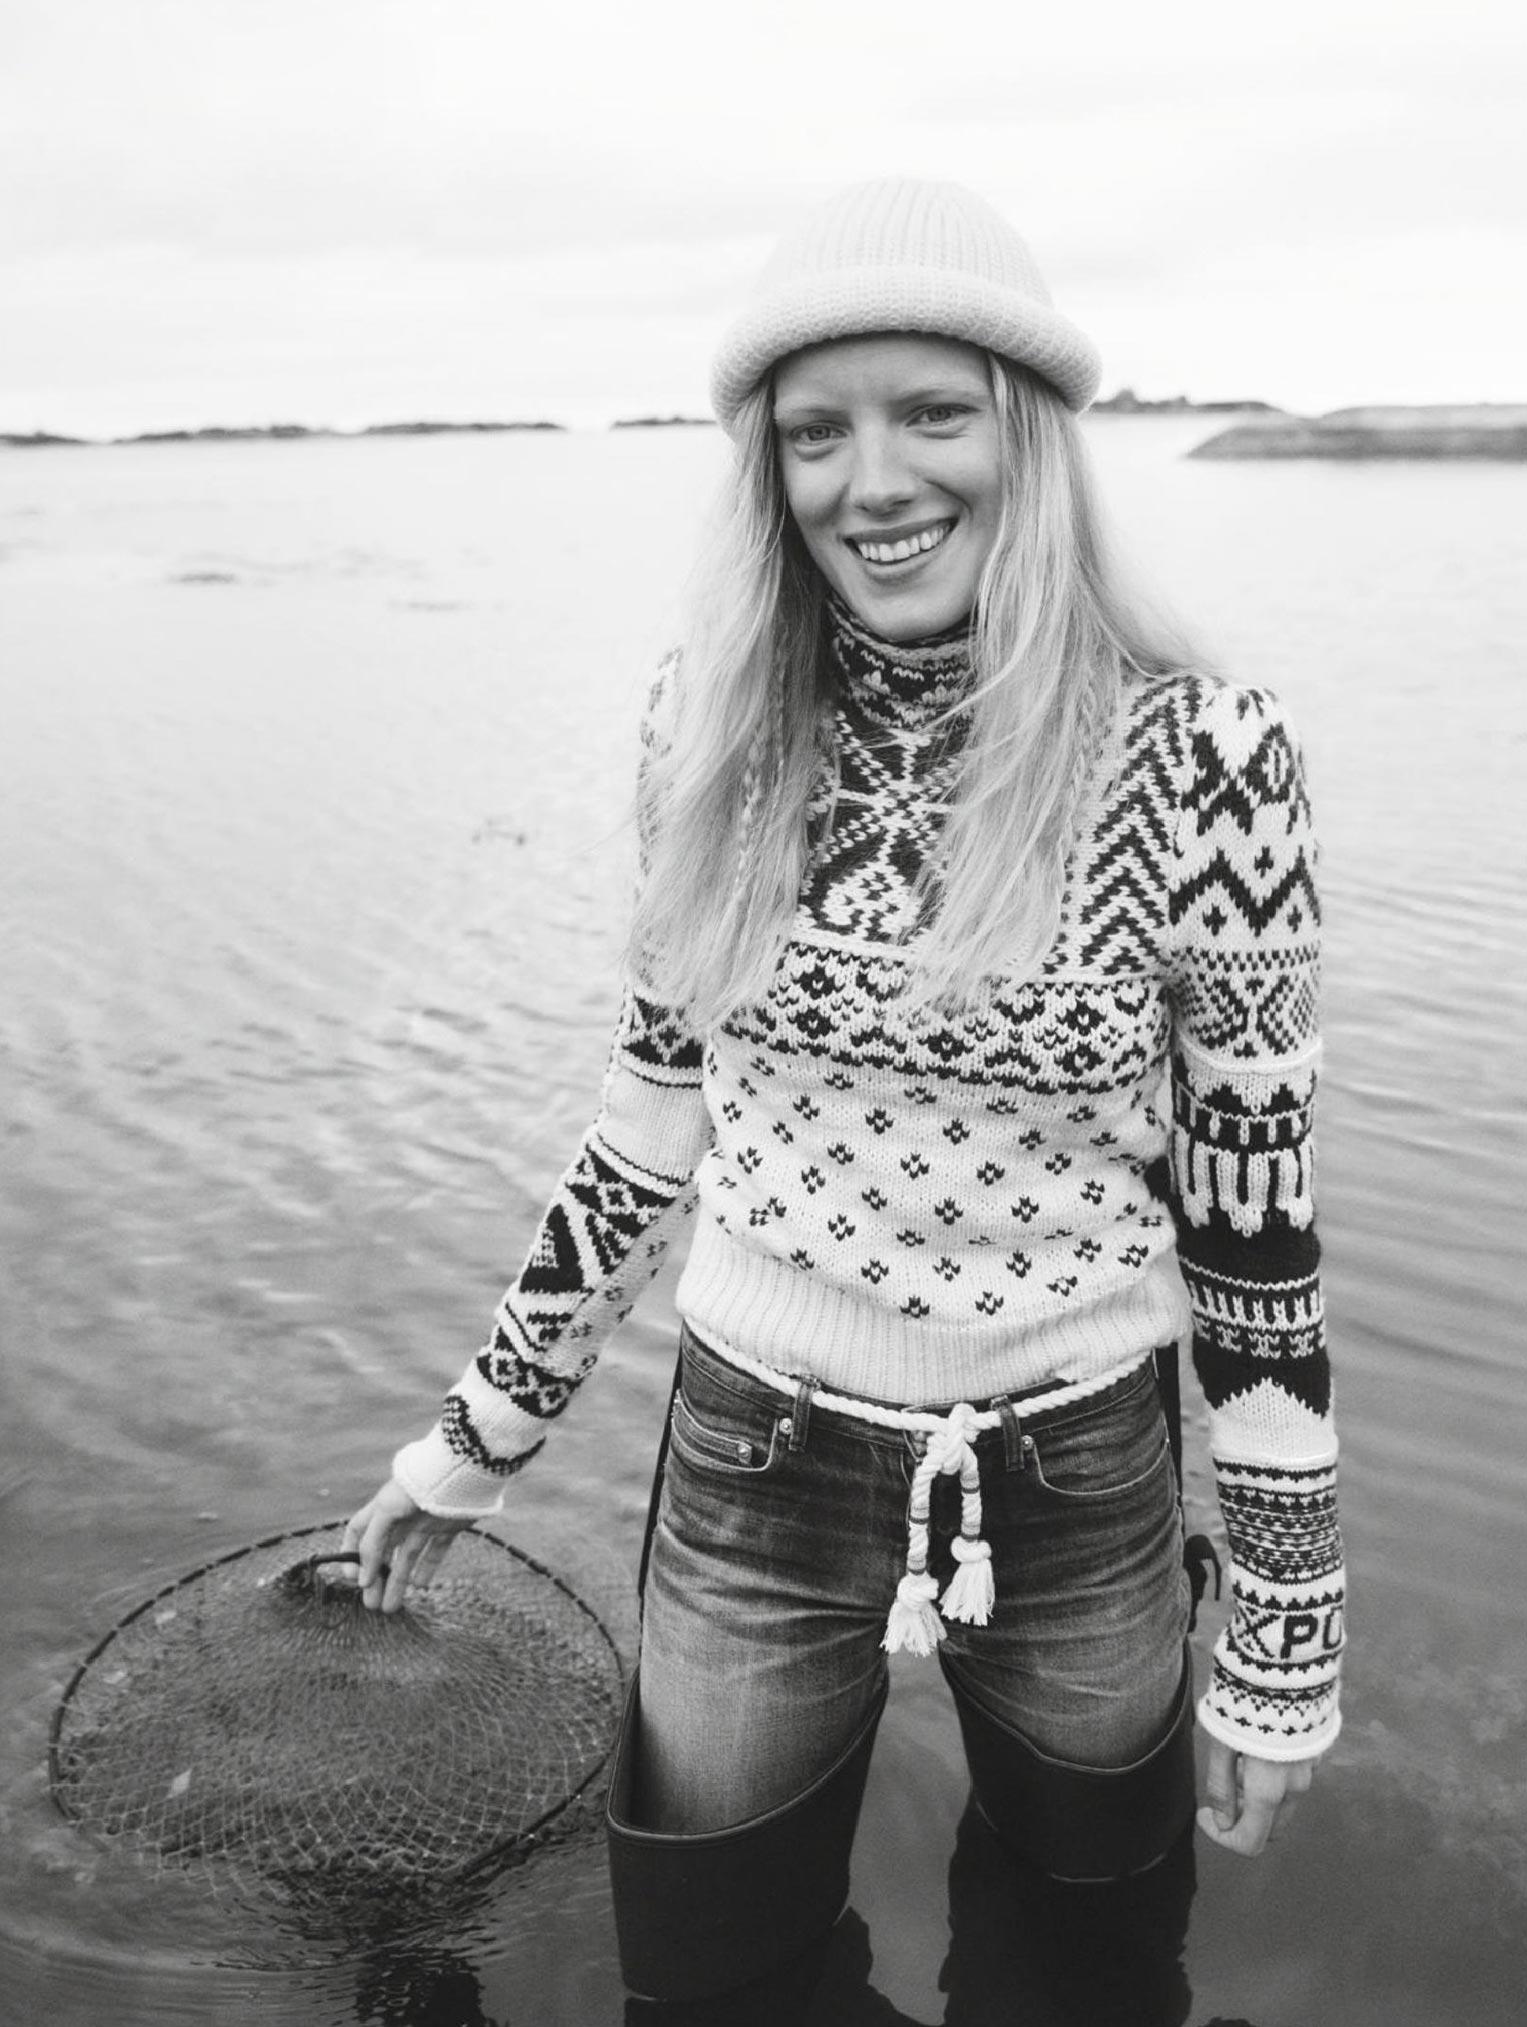 Бразильская модель в гостях у шведской - Эрика Линдер и Ракель Циммерман / фото 06